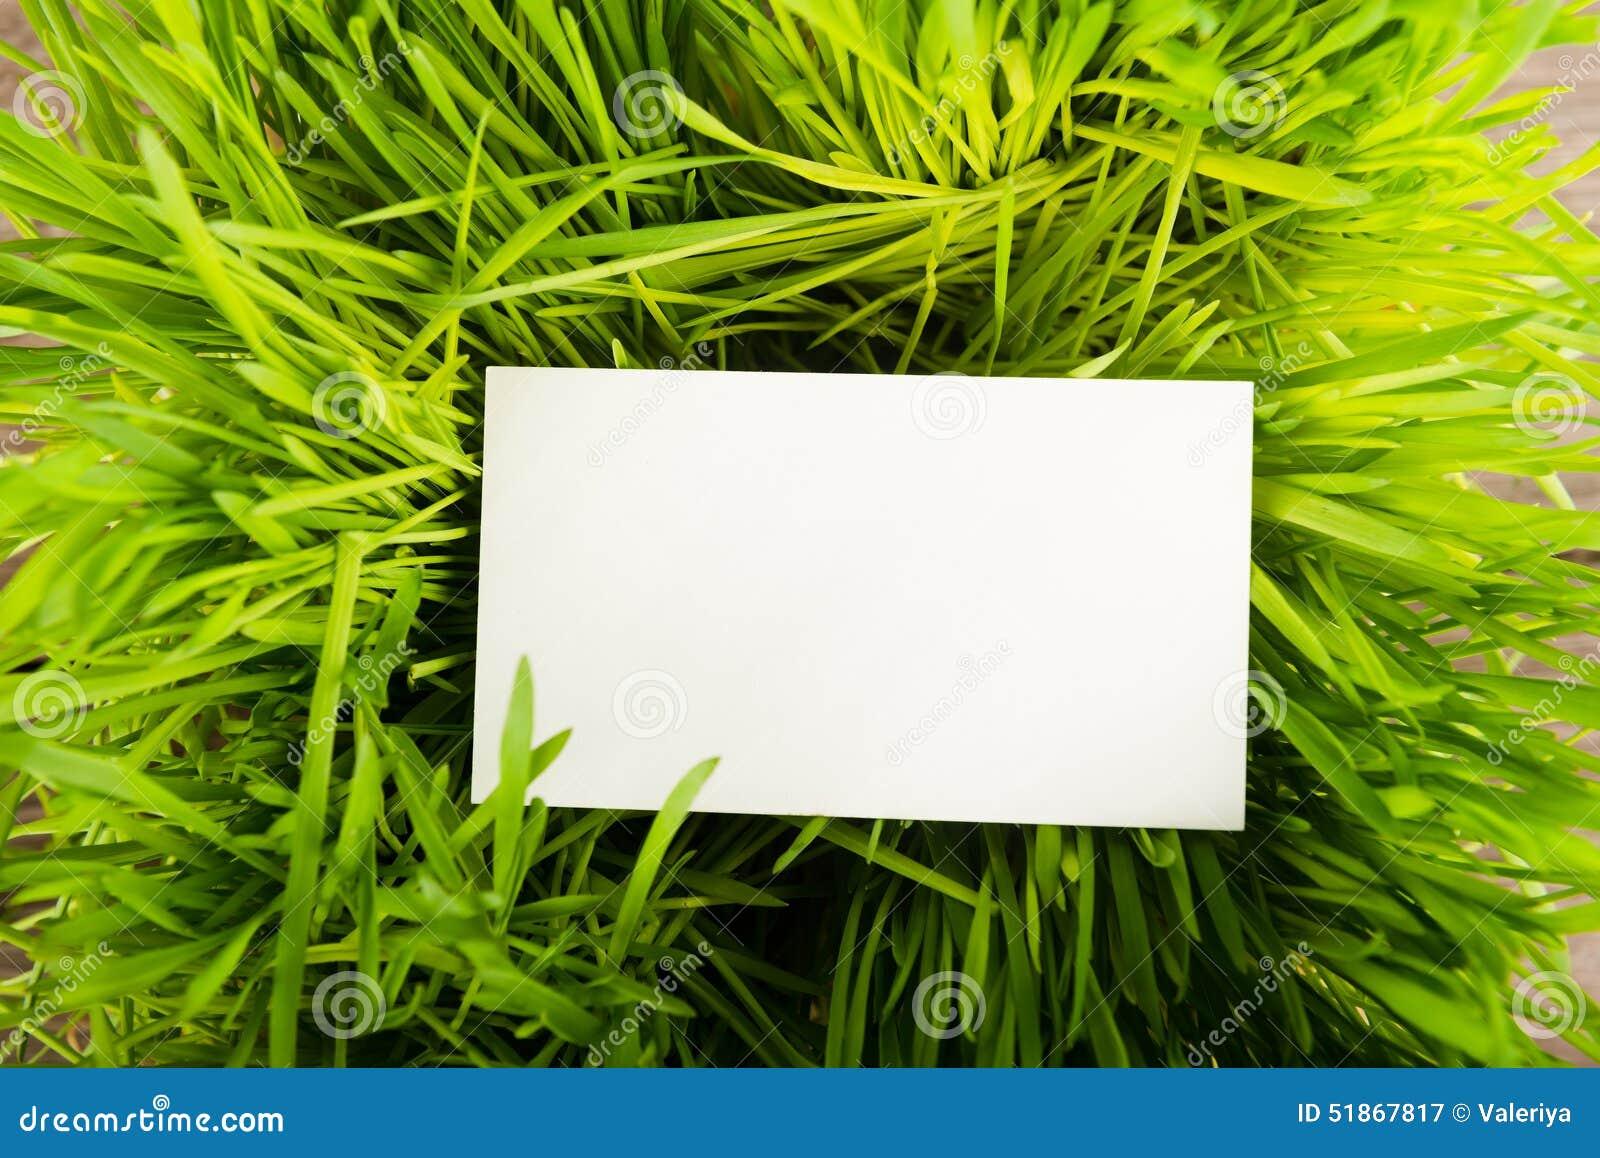 Carte De Visite Professionnelle Vierge Dans L Herbe Verte